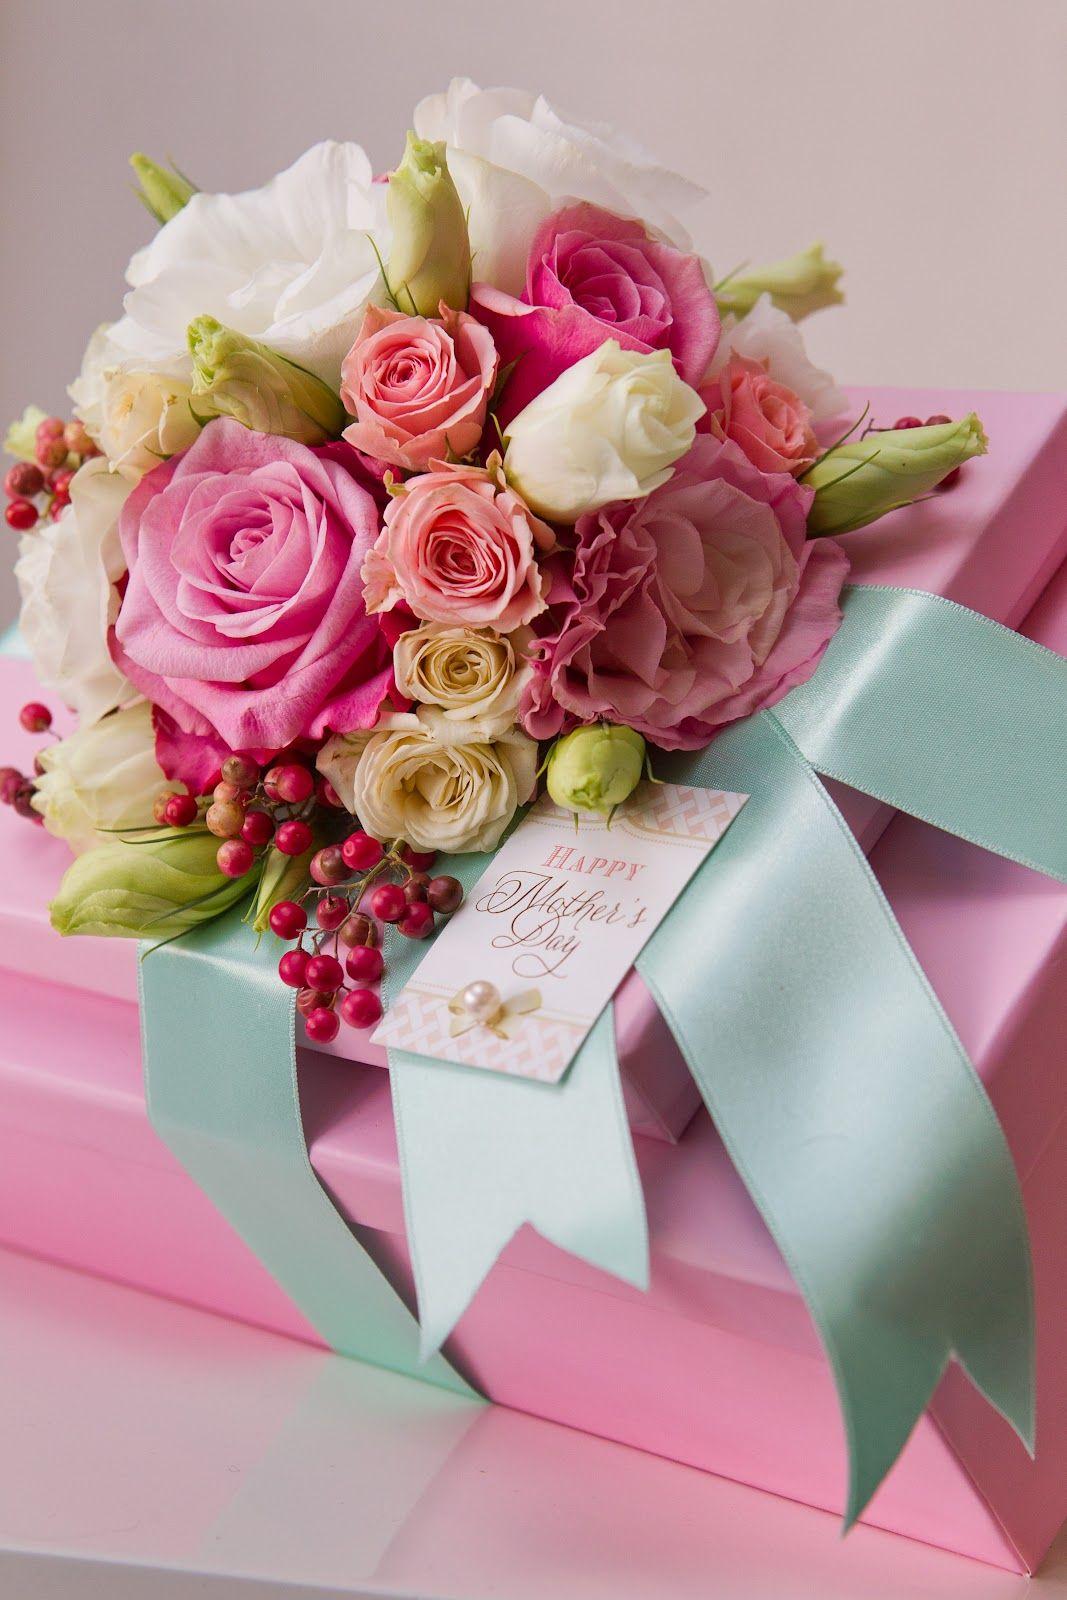 лунный цветы для день рождения подарок картинка эту